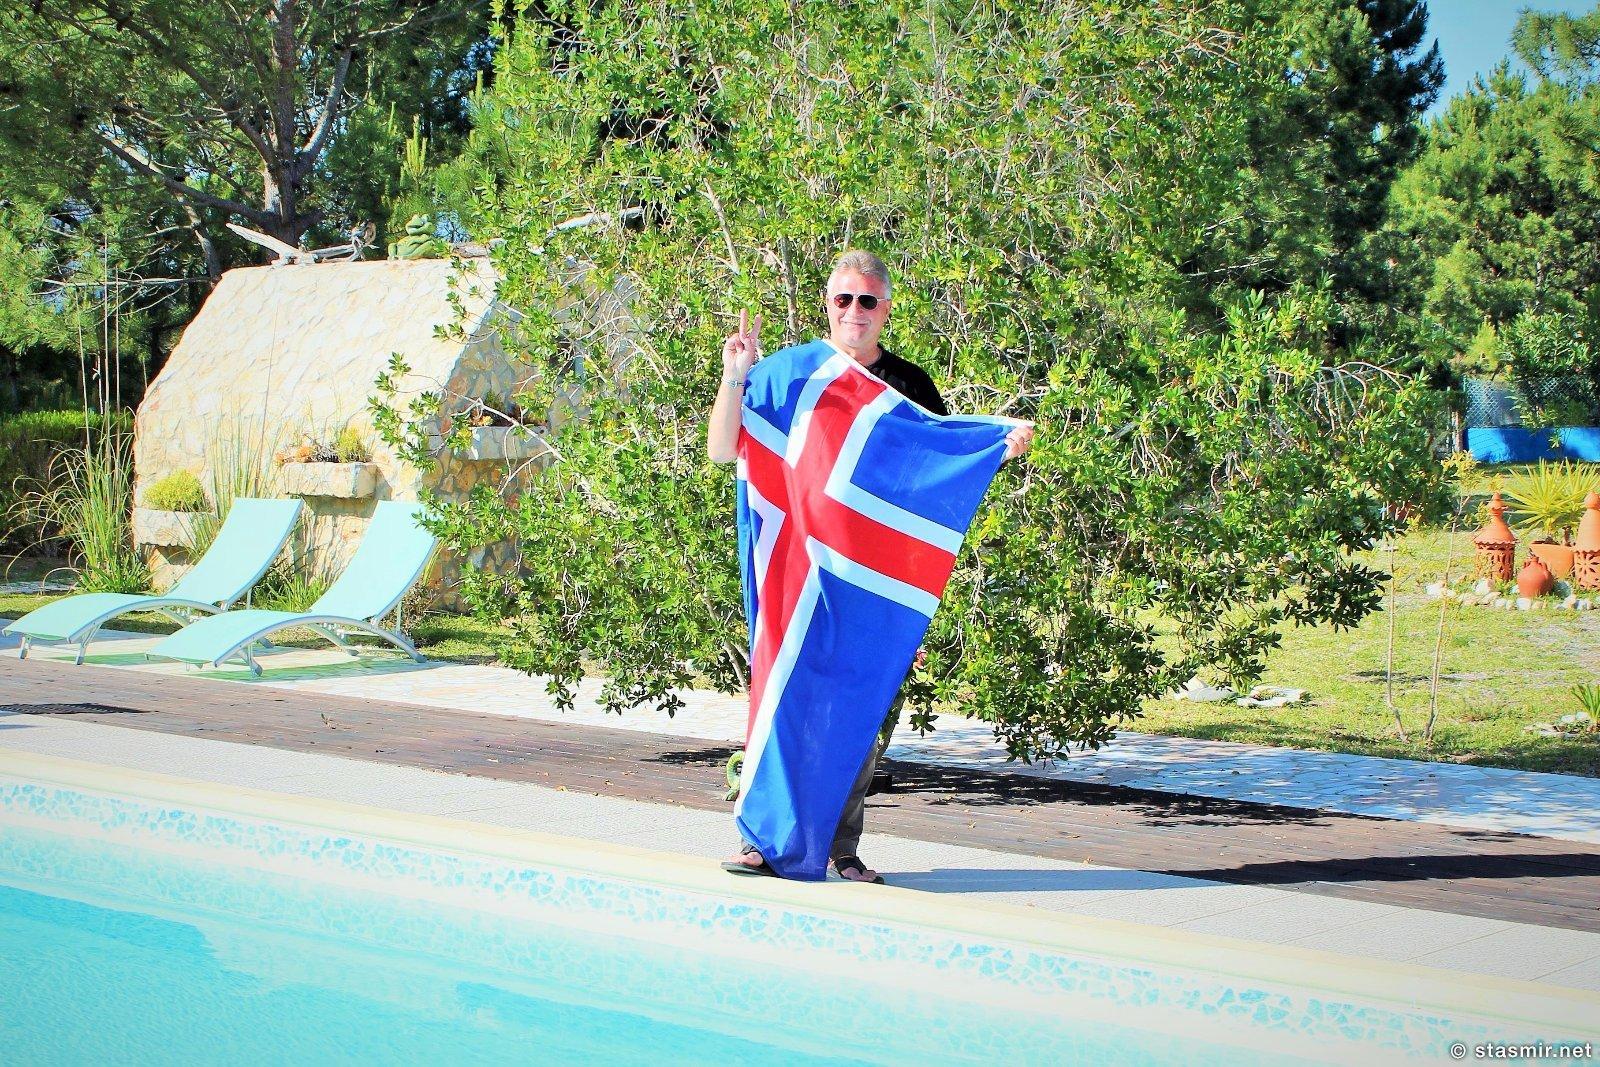 Bandeira da Islândia, исландский флаг в Португалии, флаг Исландии, Стасмир, Стасмир Трэвэл, Станислав Смирнов, Stasmir, Stanislav Smirnov